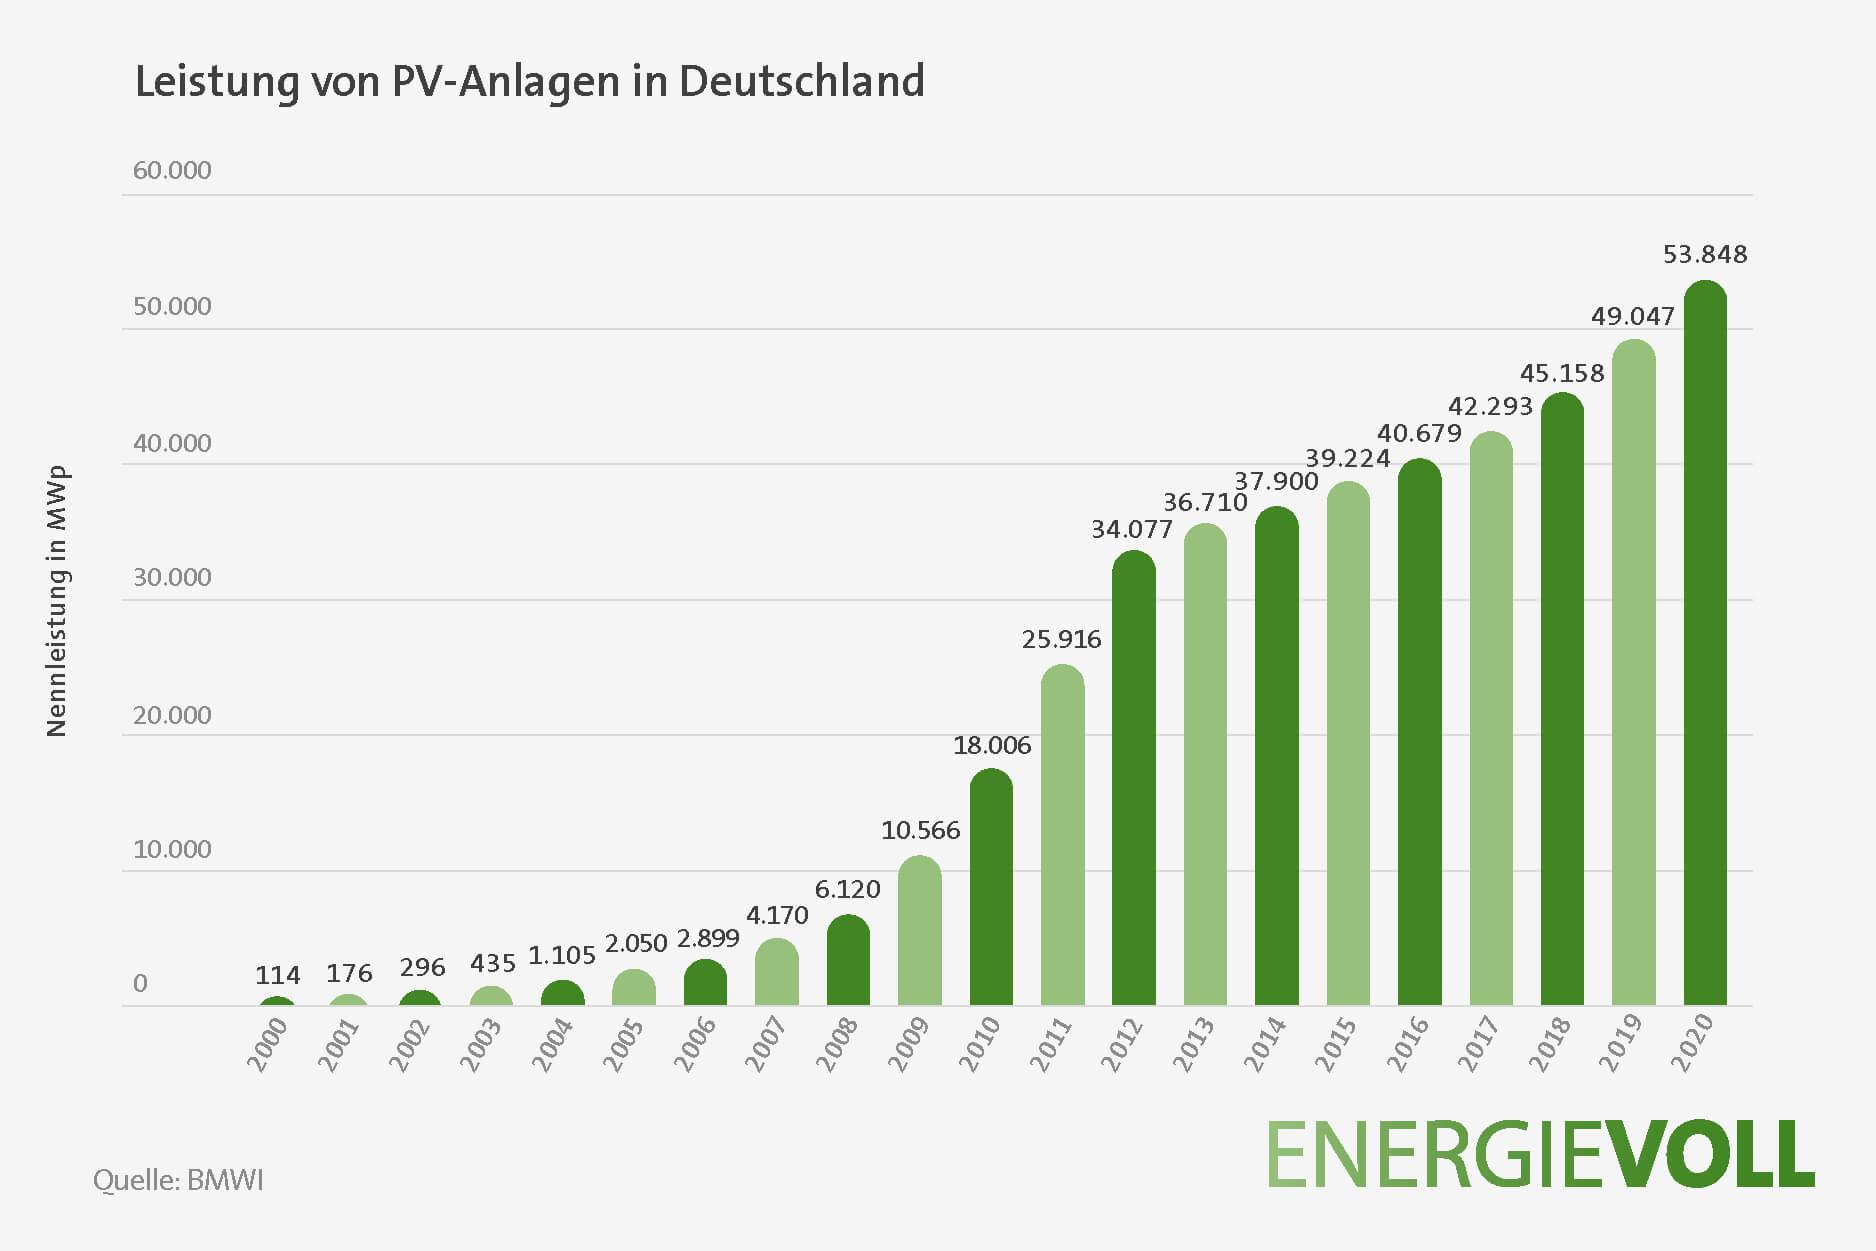 Leistung von Photovoltaikanlagen in Deutschland